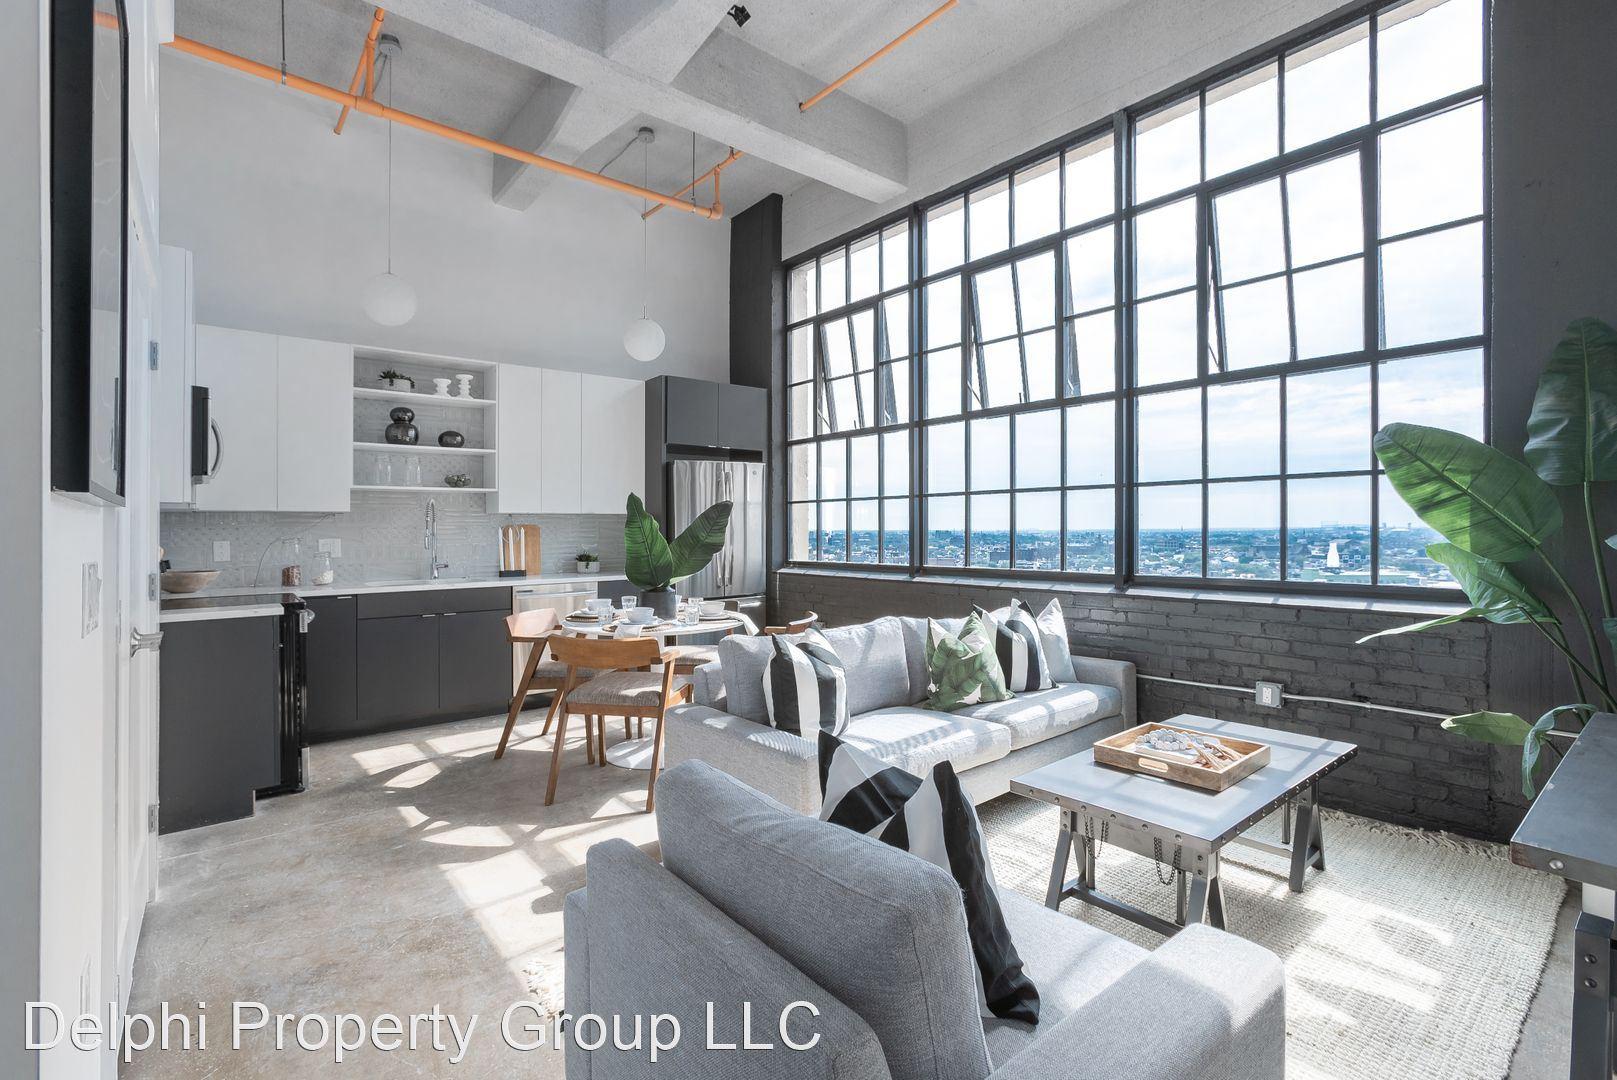 House for Rent in Philadelphiadelphia